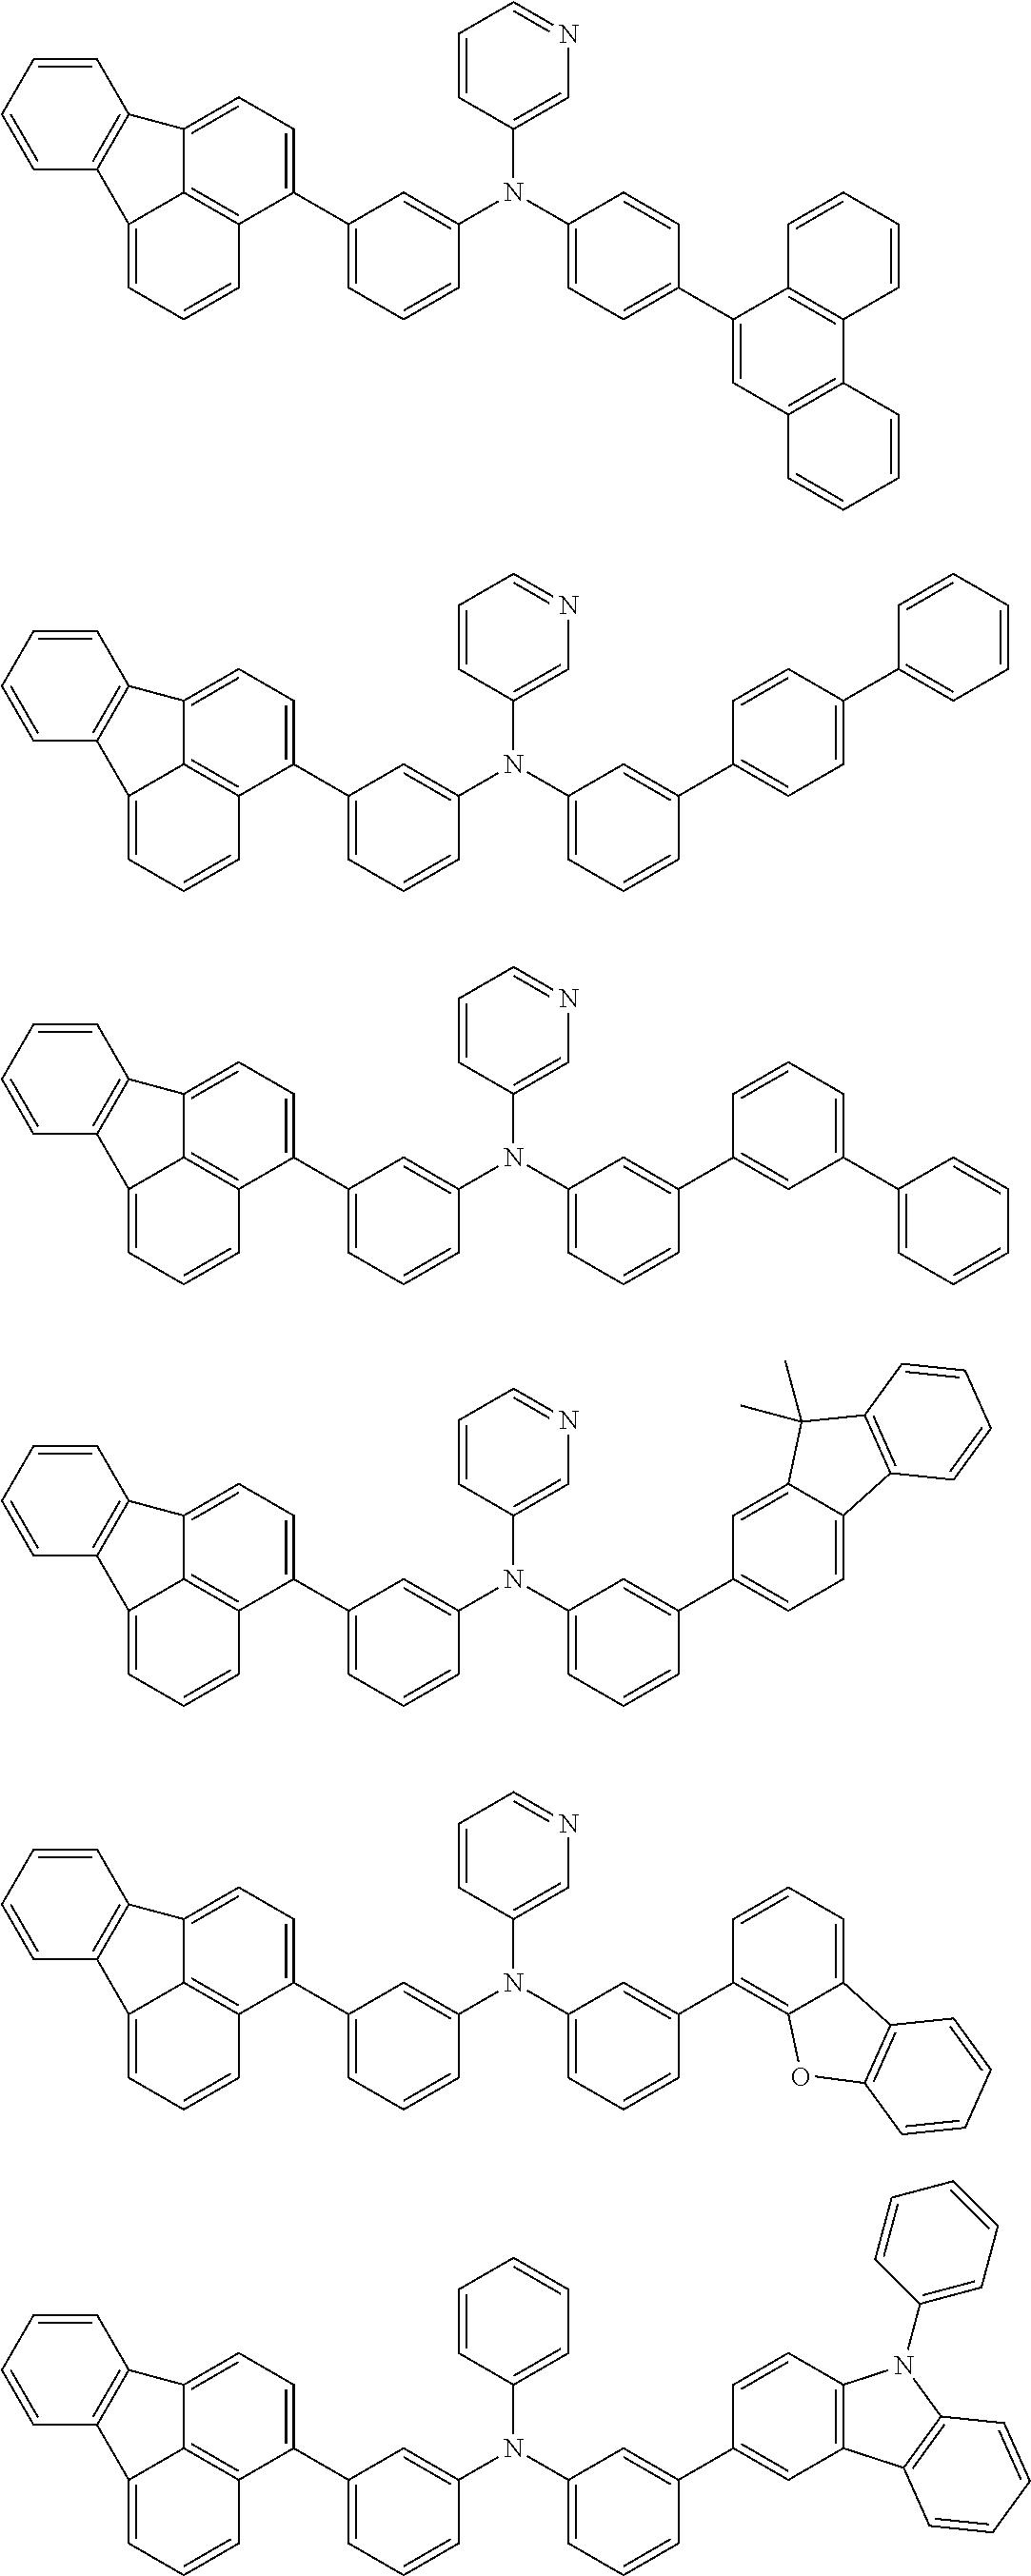 Figure US20150280139A1-20151001-C00109